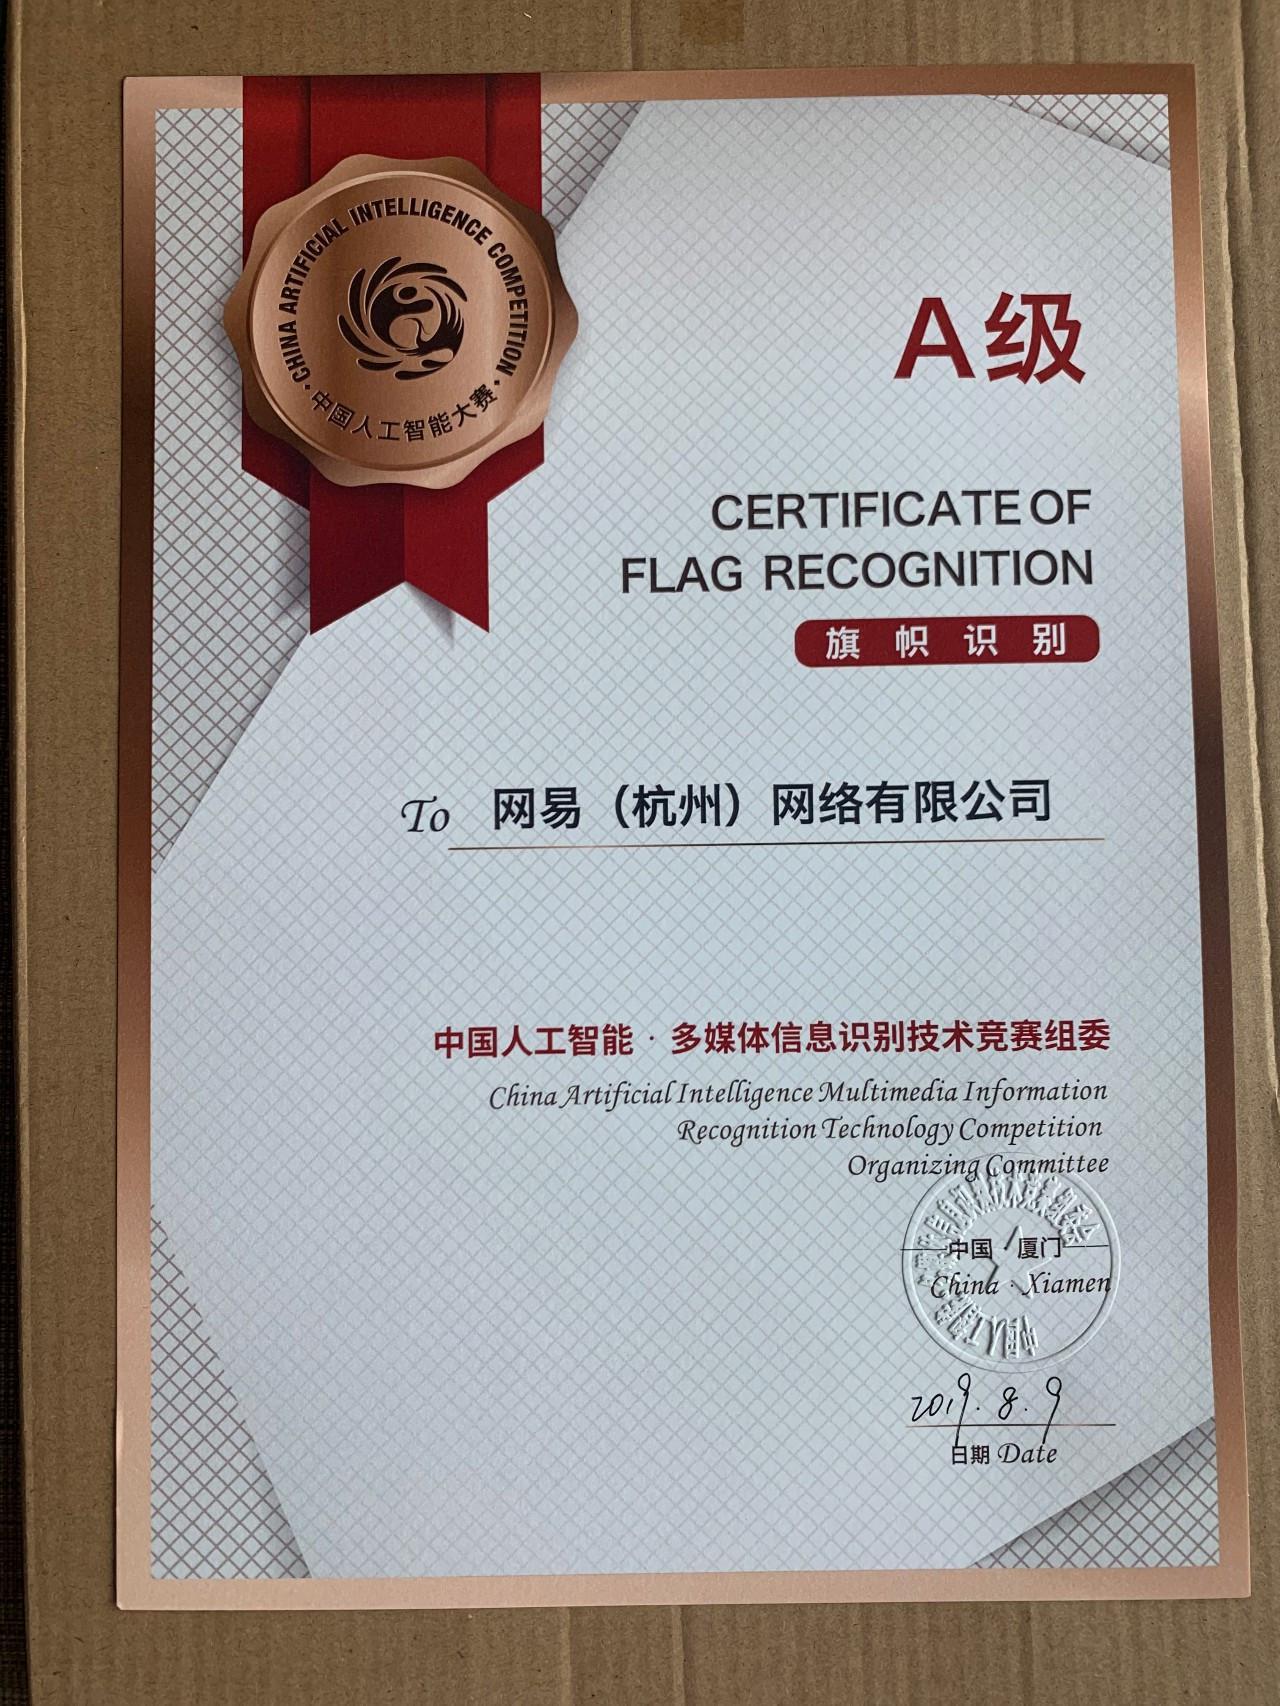 網易易盾在首個全國範圍大型人工智慧領域競賽上獲得最高階證書